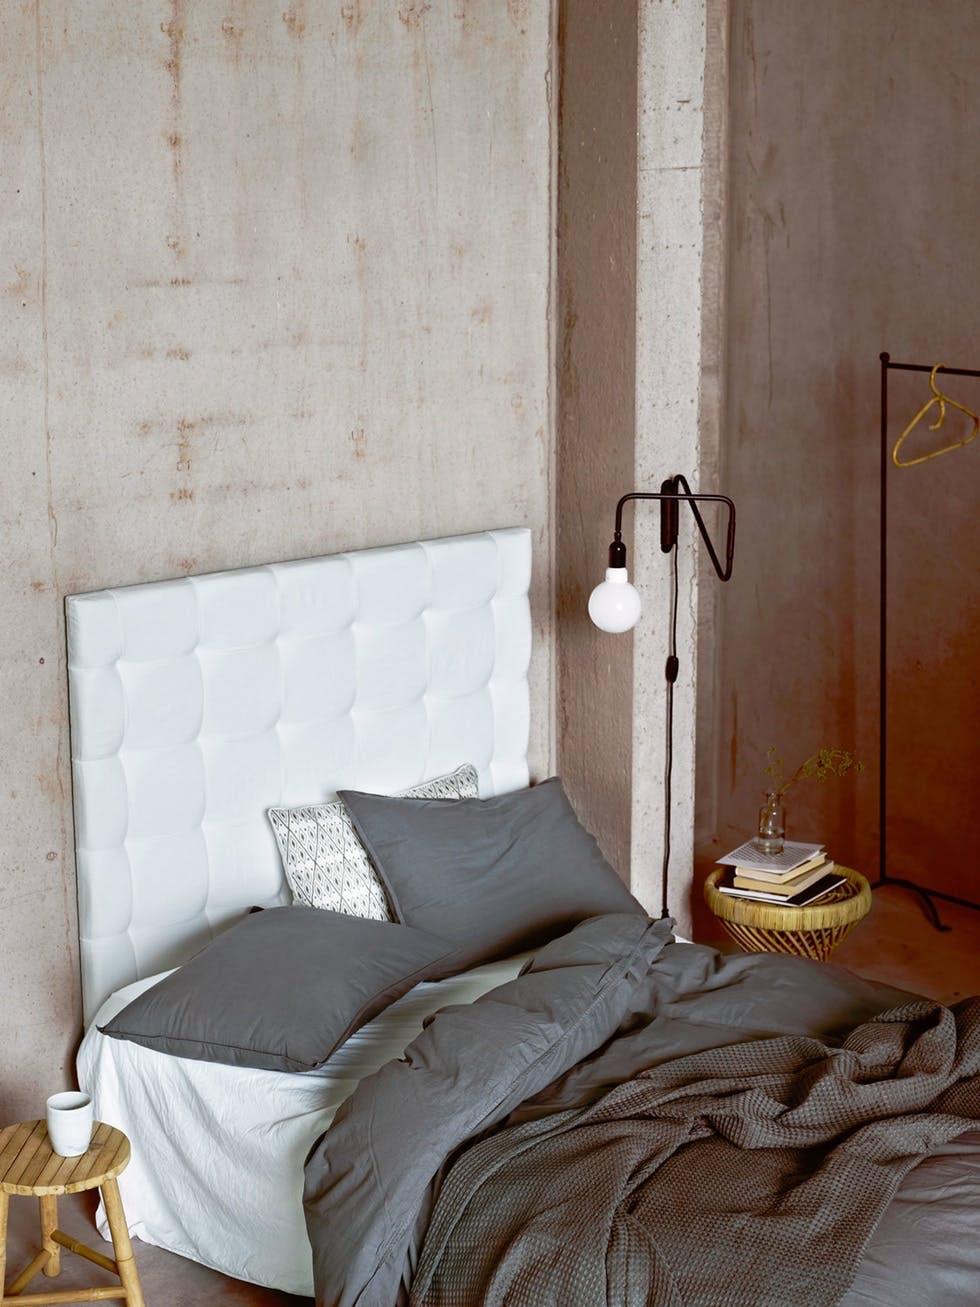 Matchende sengetøj og et ekstra lunt sengetæppe